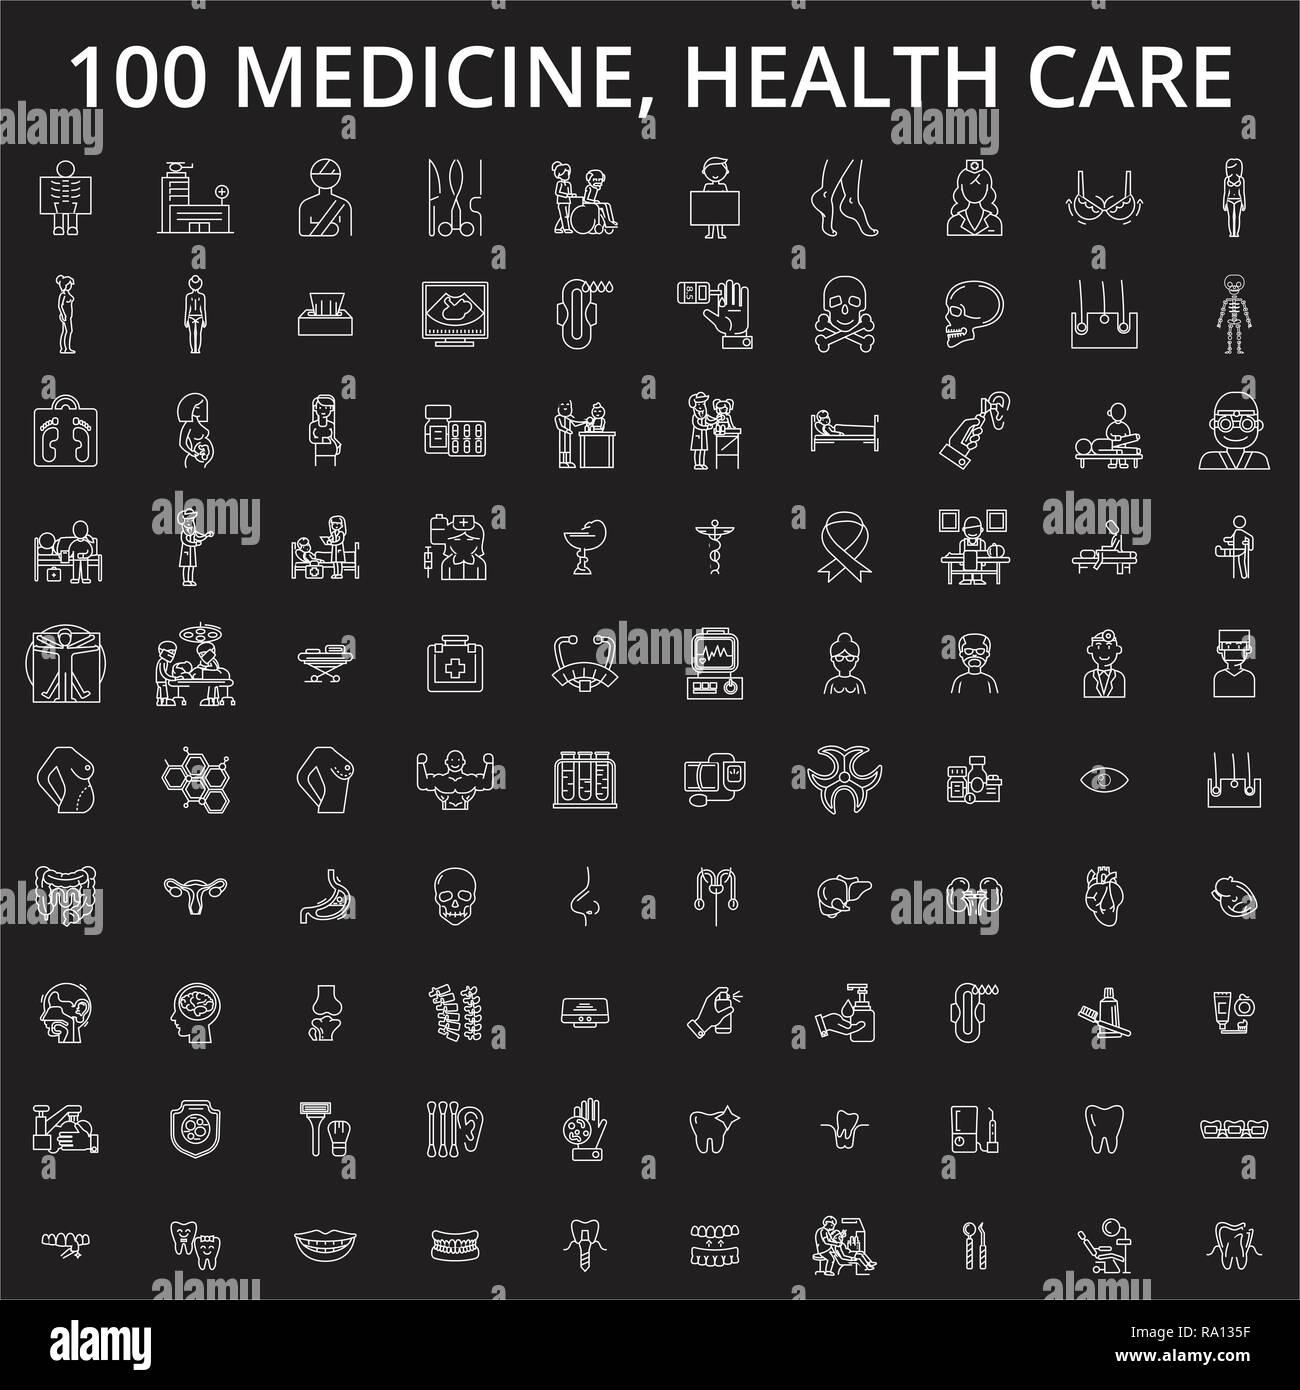 Medizin, Gesundheitswesen bearbeitbare Zeile Symbole Vektor auf schwarzen Hintergrund. Medizin, Gesundheitswesen weißer Umriss Abbildungen, Zeichen, Symbole Stock Vektor